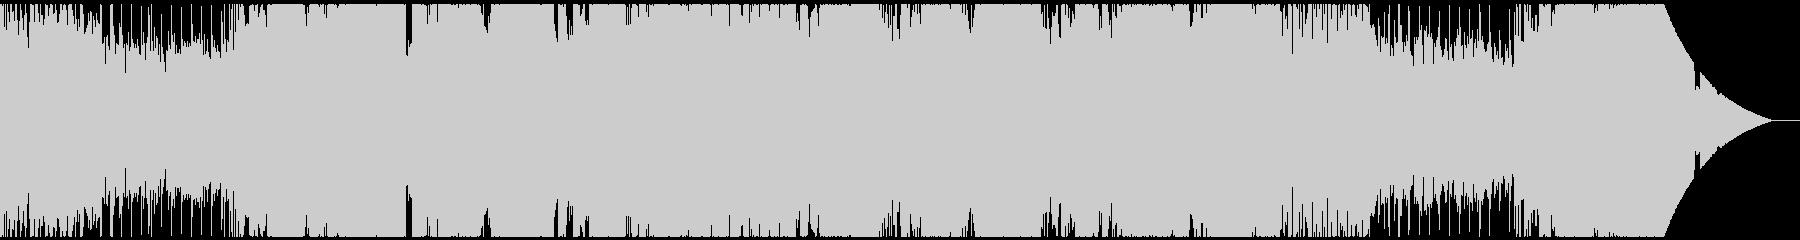 ロックテイストの通常バトル曲の未再生の波形